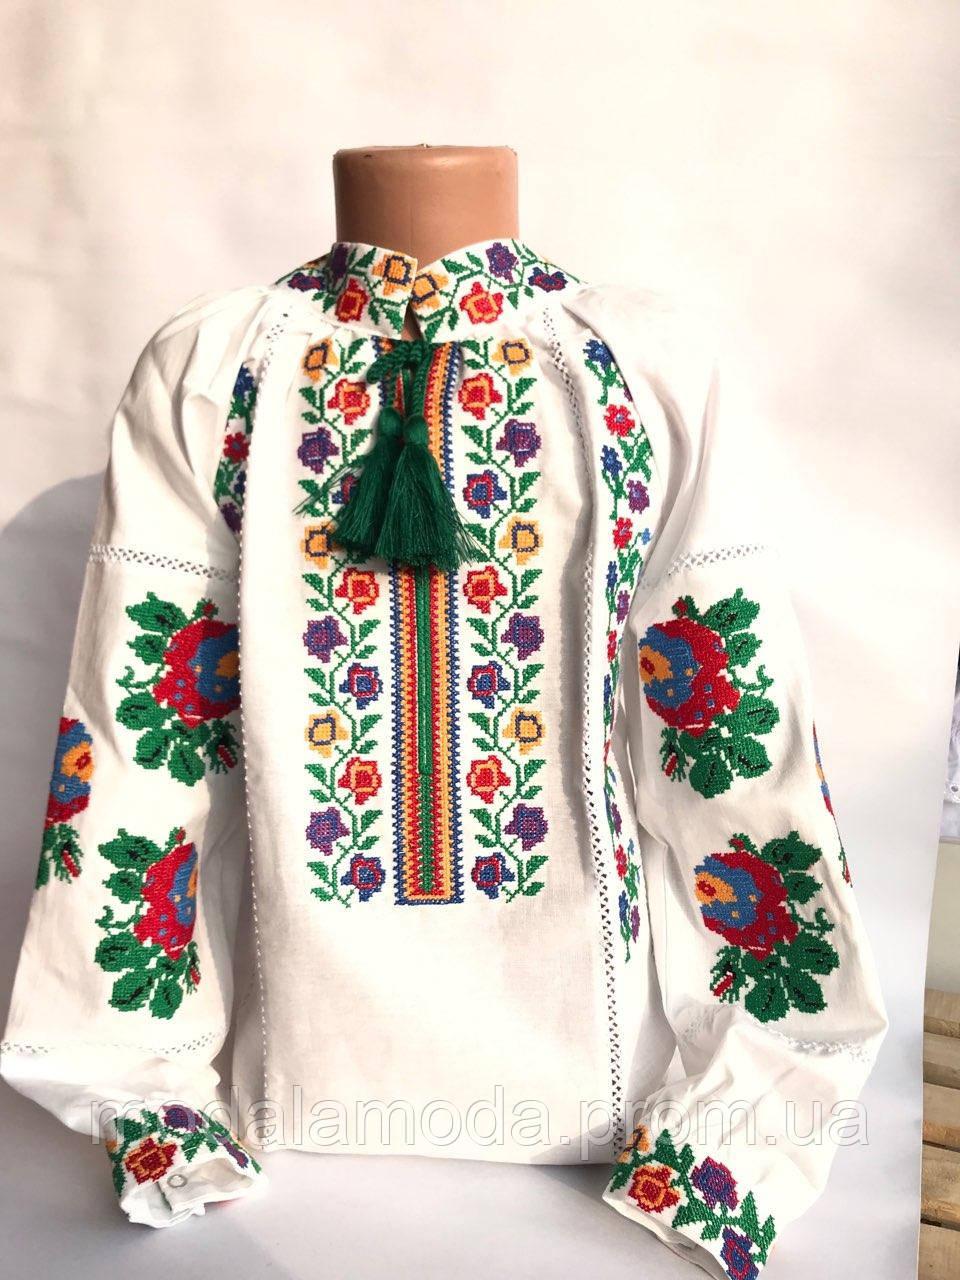 Вышиванка для девочки со красными цветами